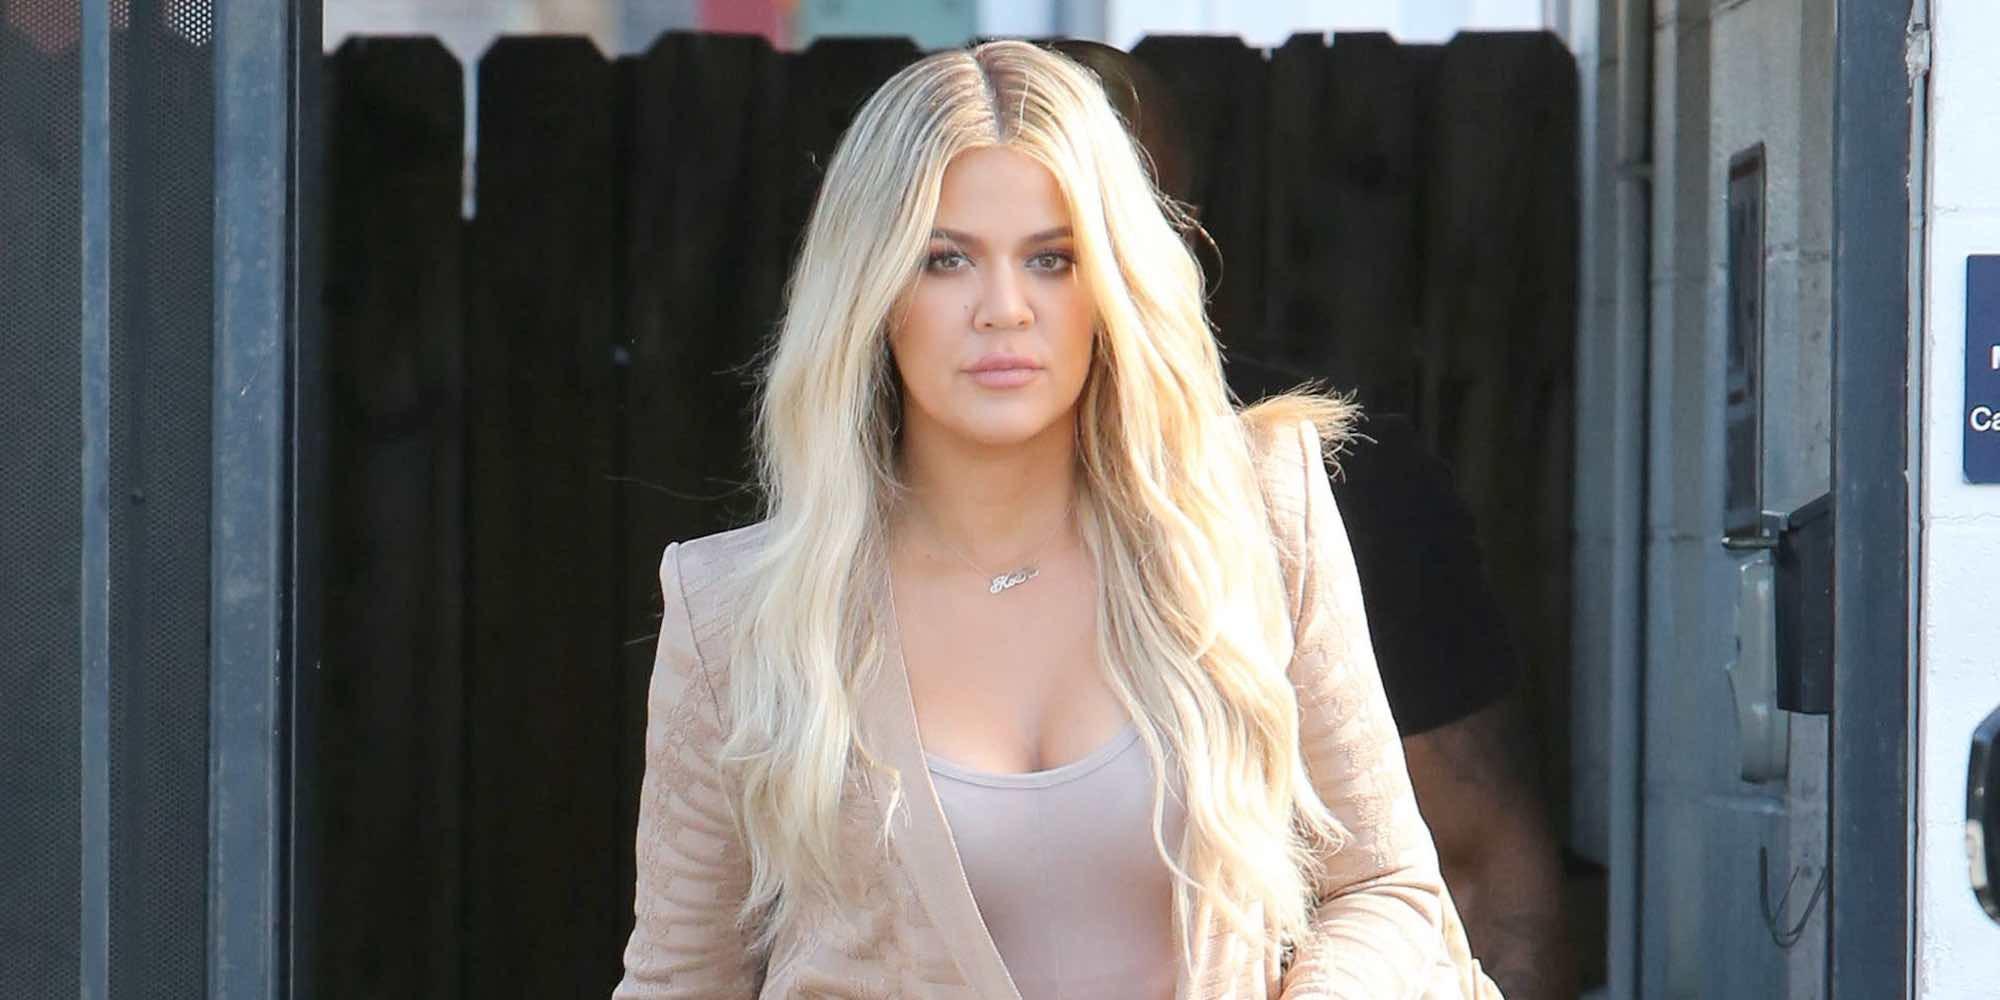 Khloe Kardashian desvela el intencionado nombre que le ha puesto a su hija